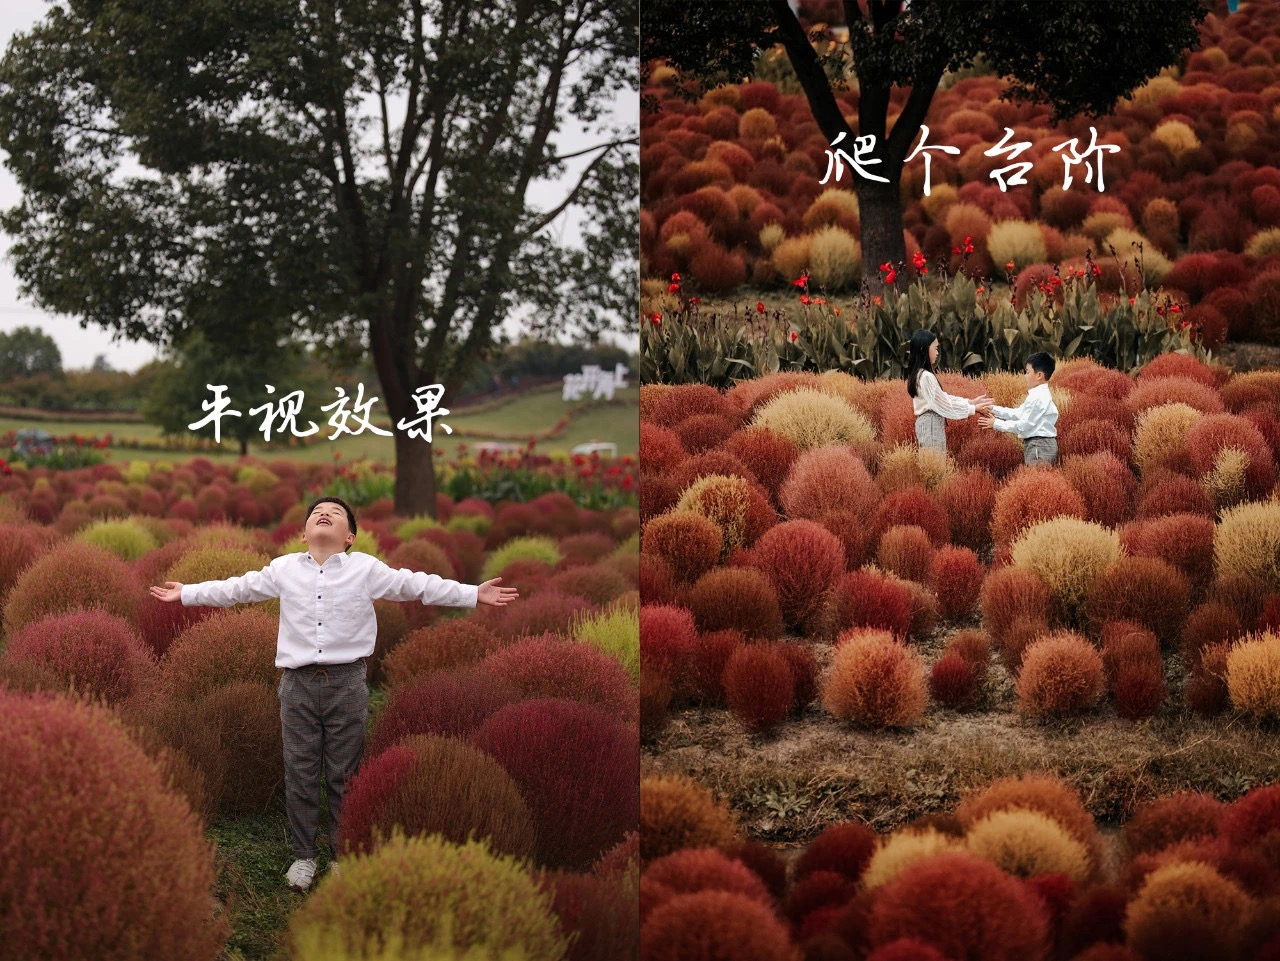 手把手教你在公园拍出秋日怀旧电影大片插图(11)